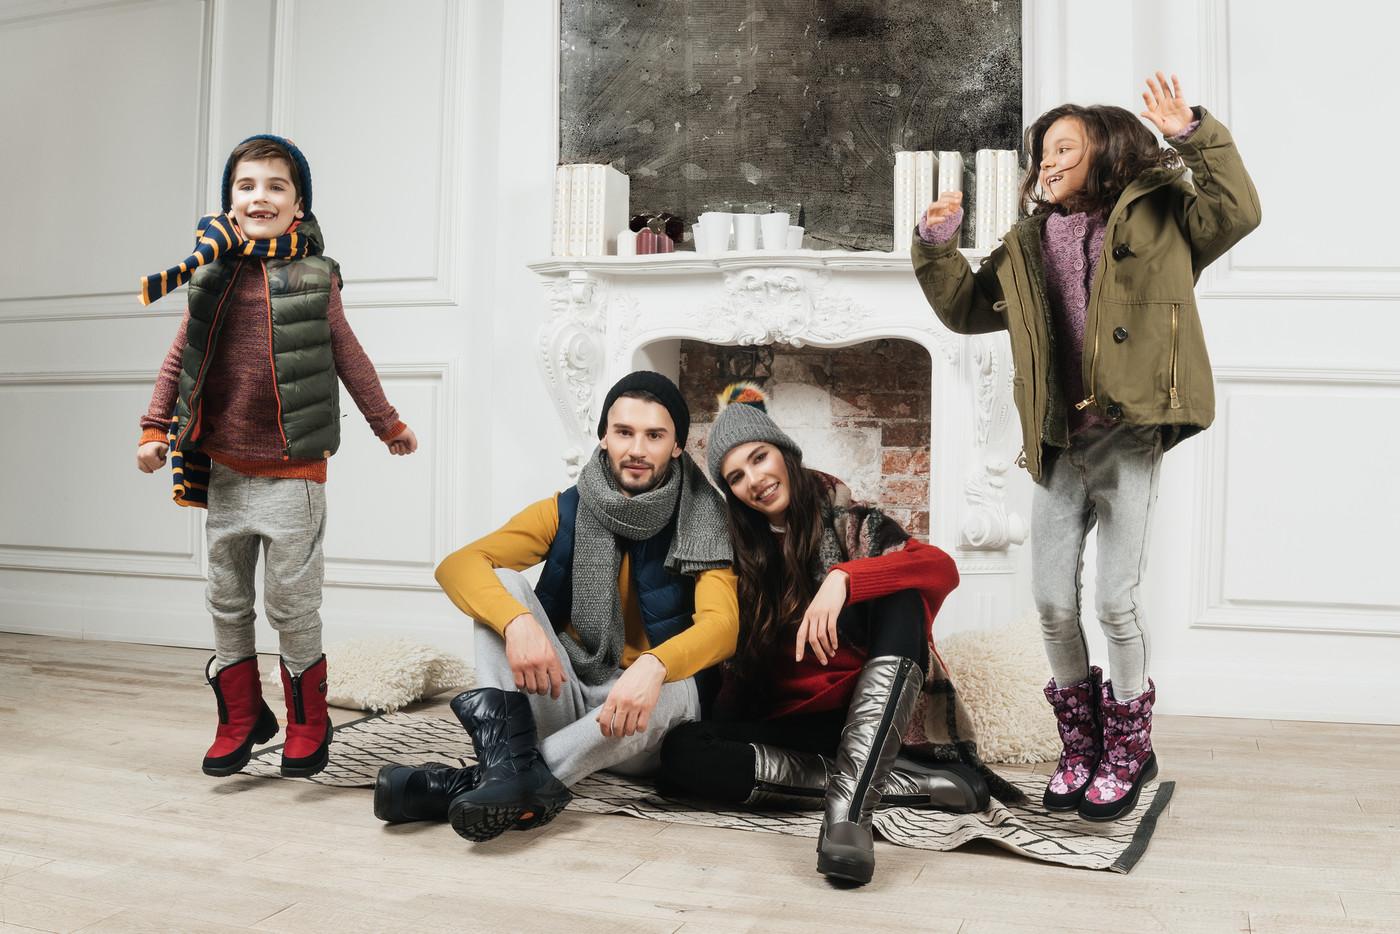 Фото семьи реклама обуви